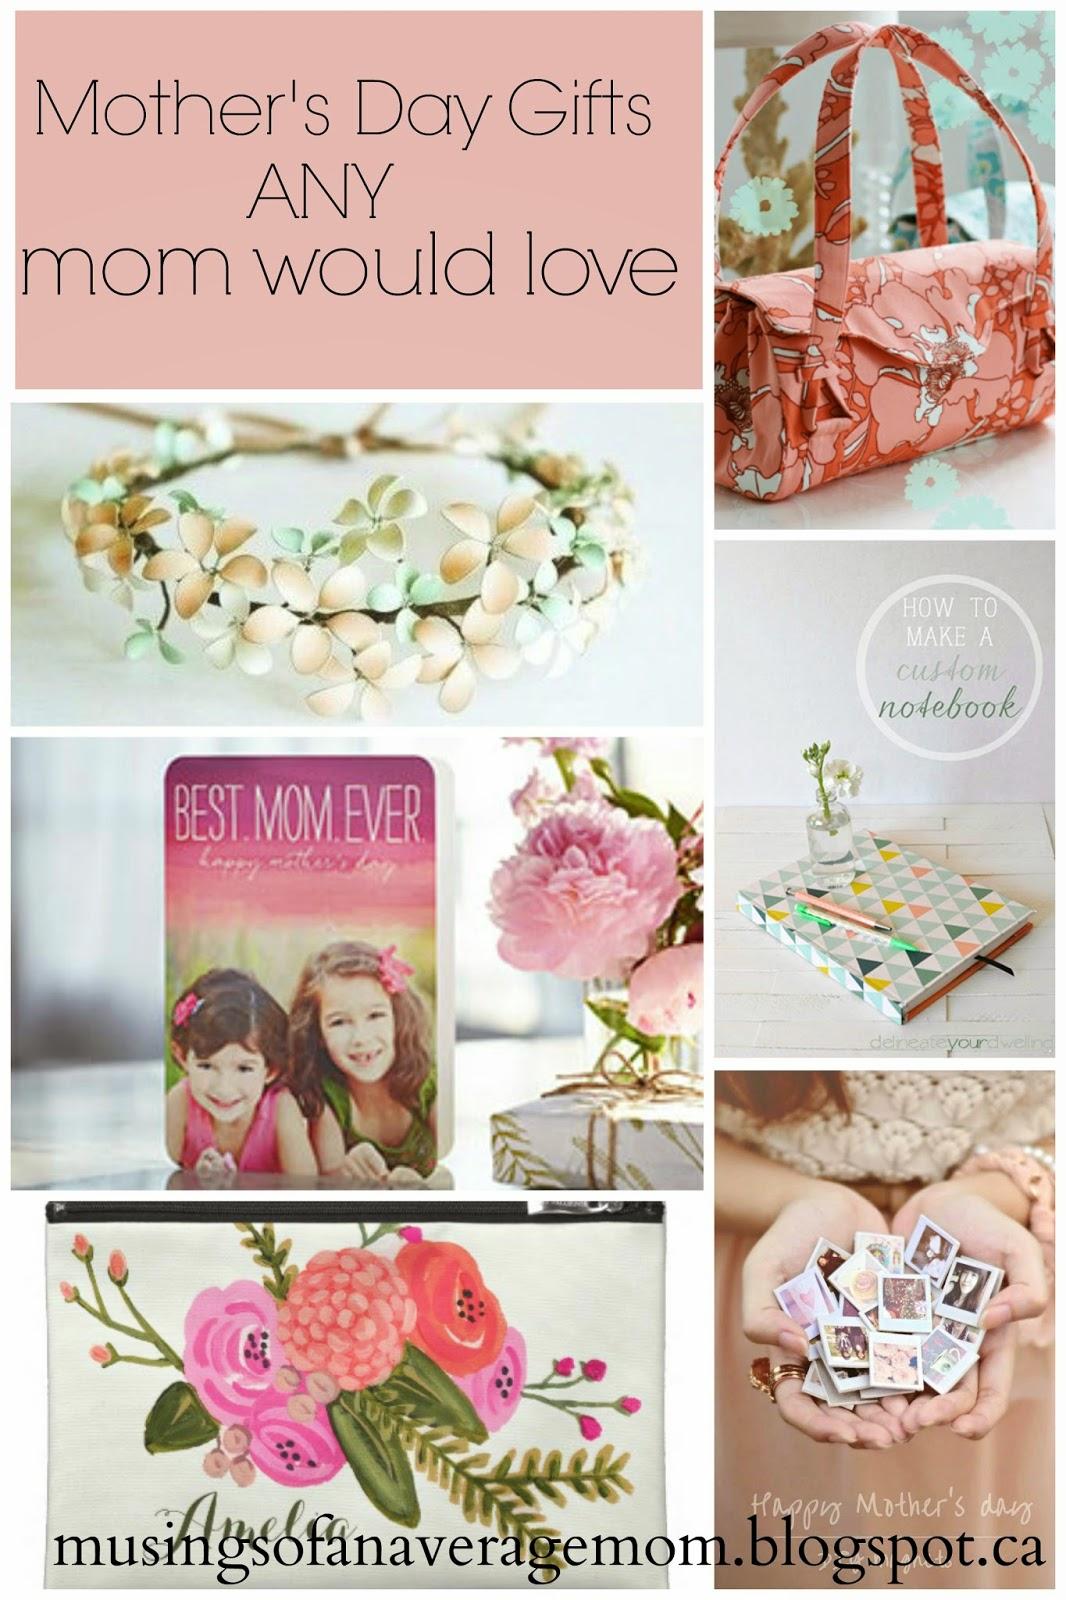 http://musingsofanaveragemom.blogspot.ca/2015/04/mothers-day-gift-ideas.html